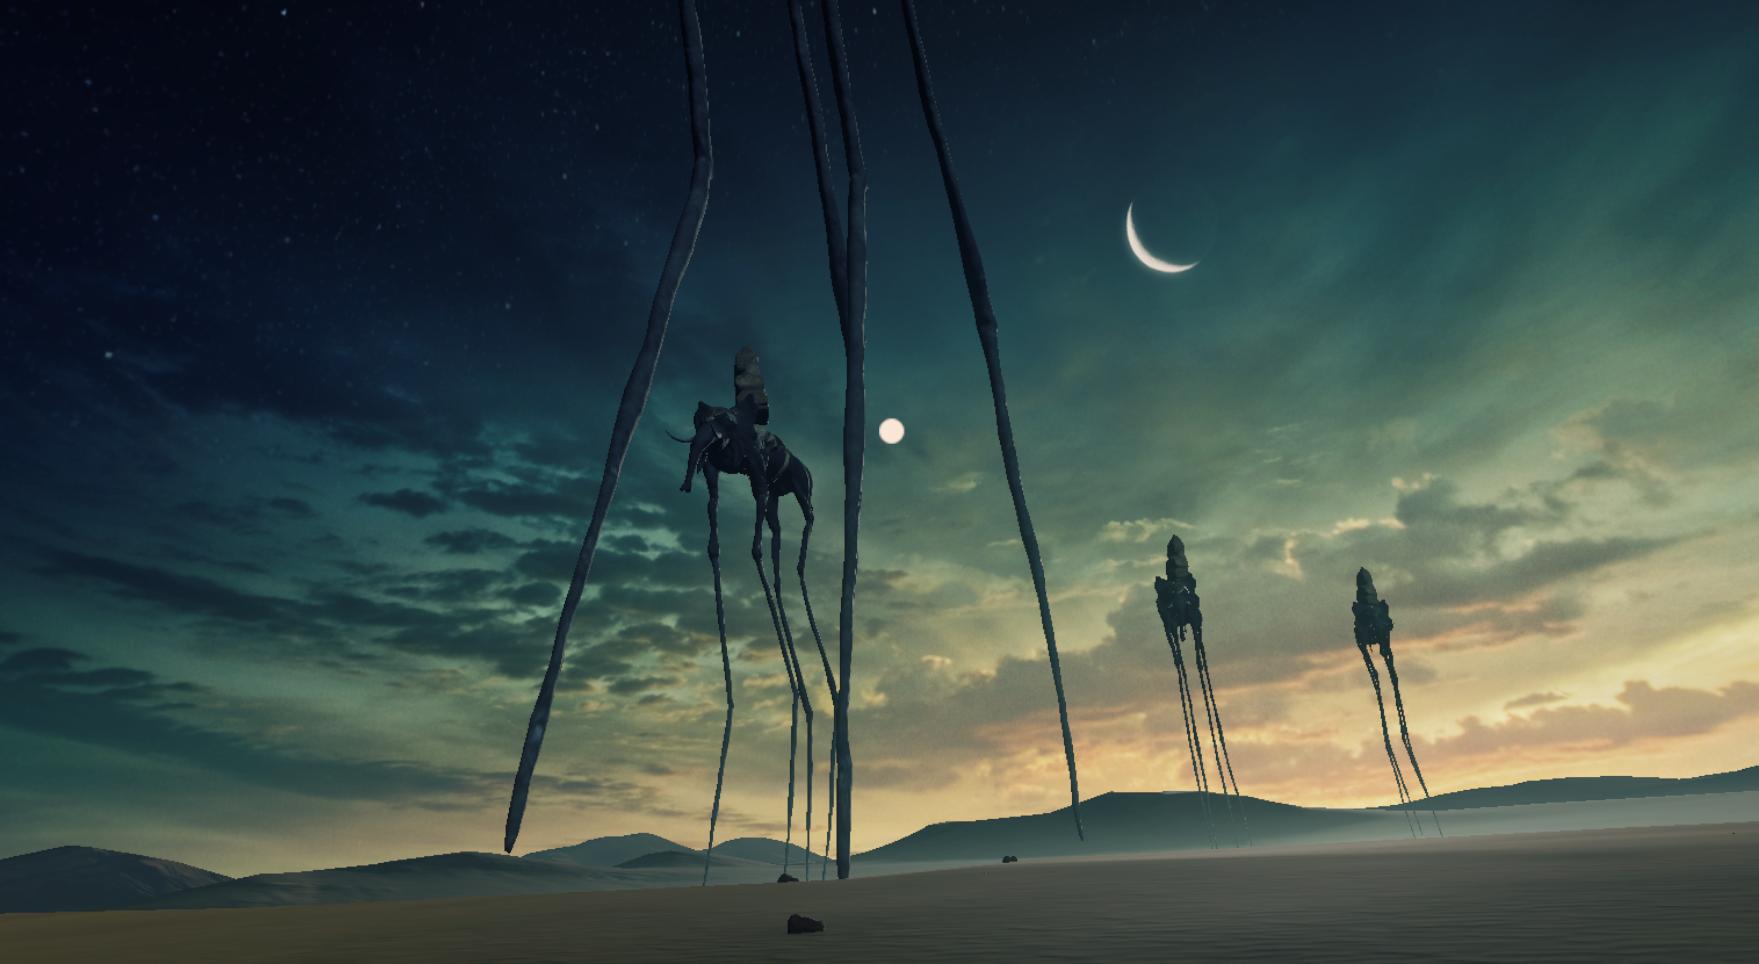 おすすめ無料VR映像アプリ【Dreams of Dali】2